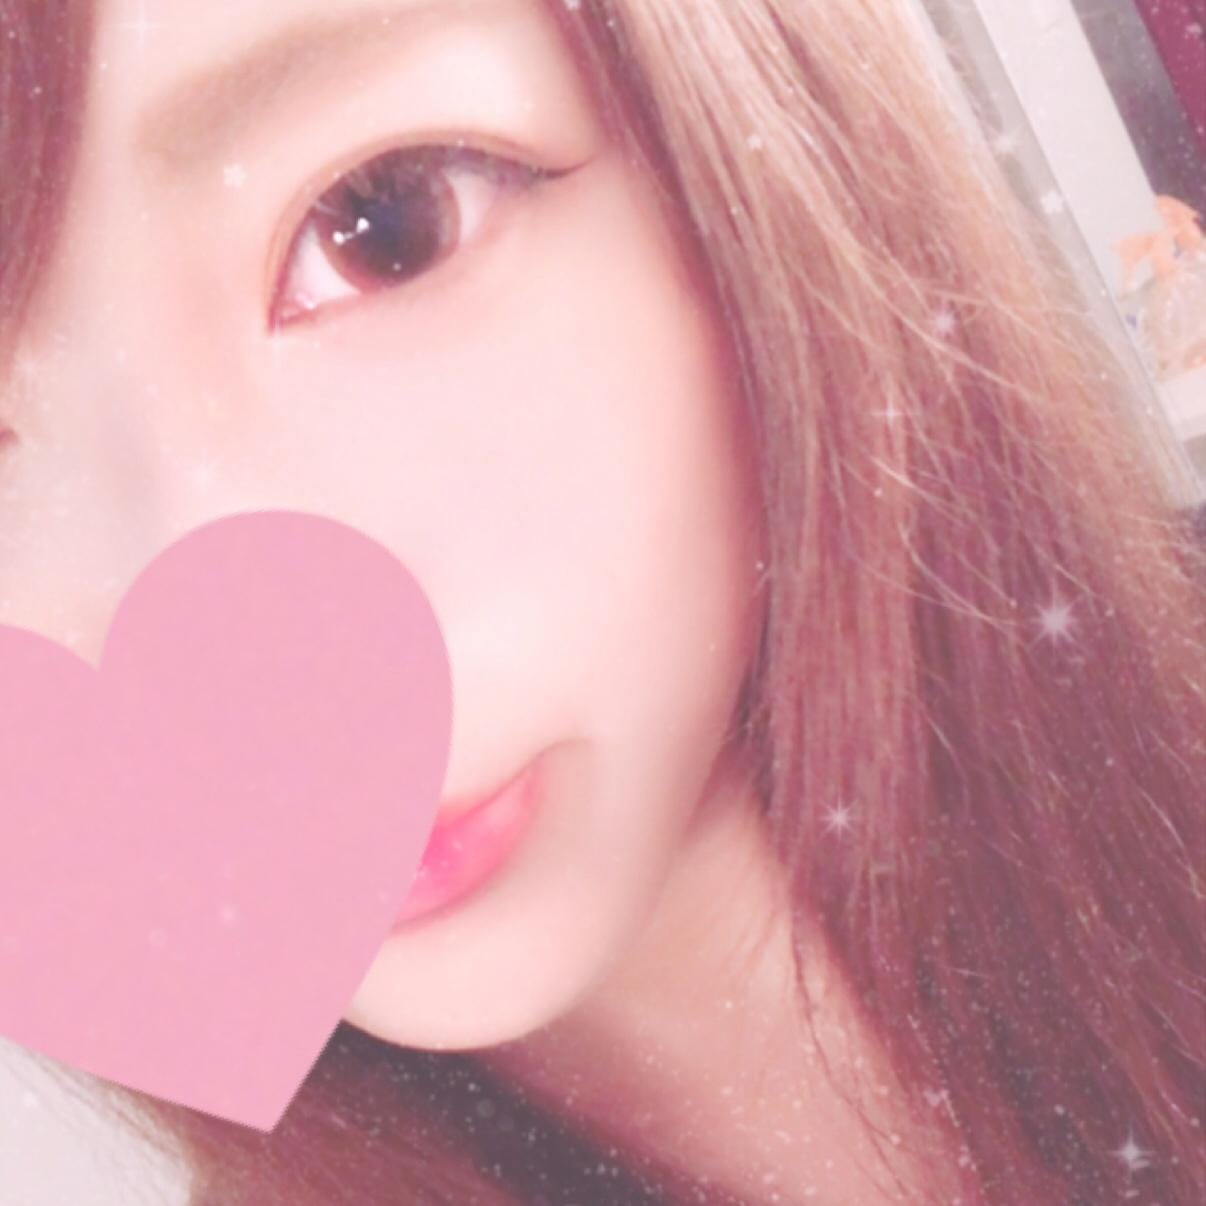 「?」09/18(火) 20:47 | ユアの写メ・風俗動画